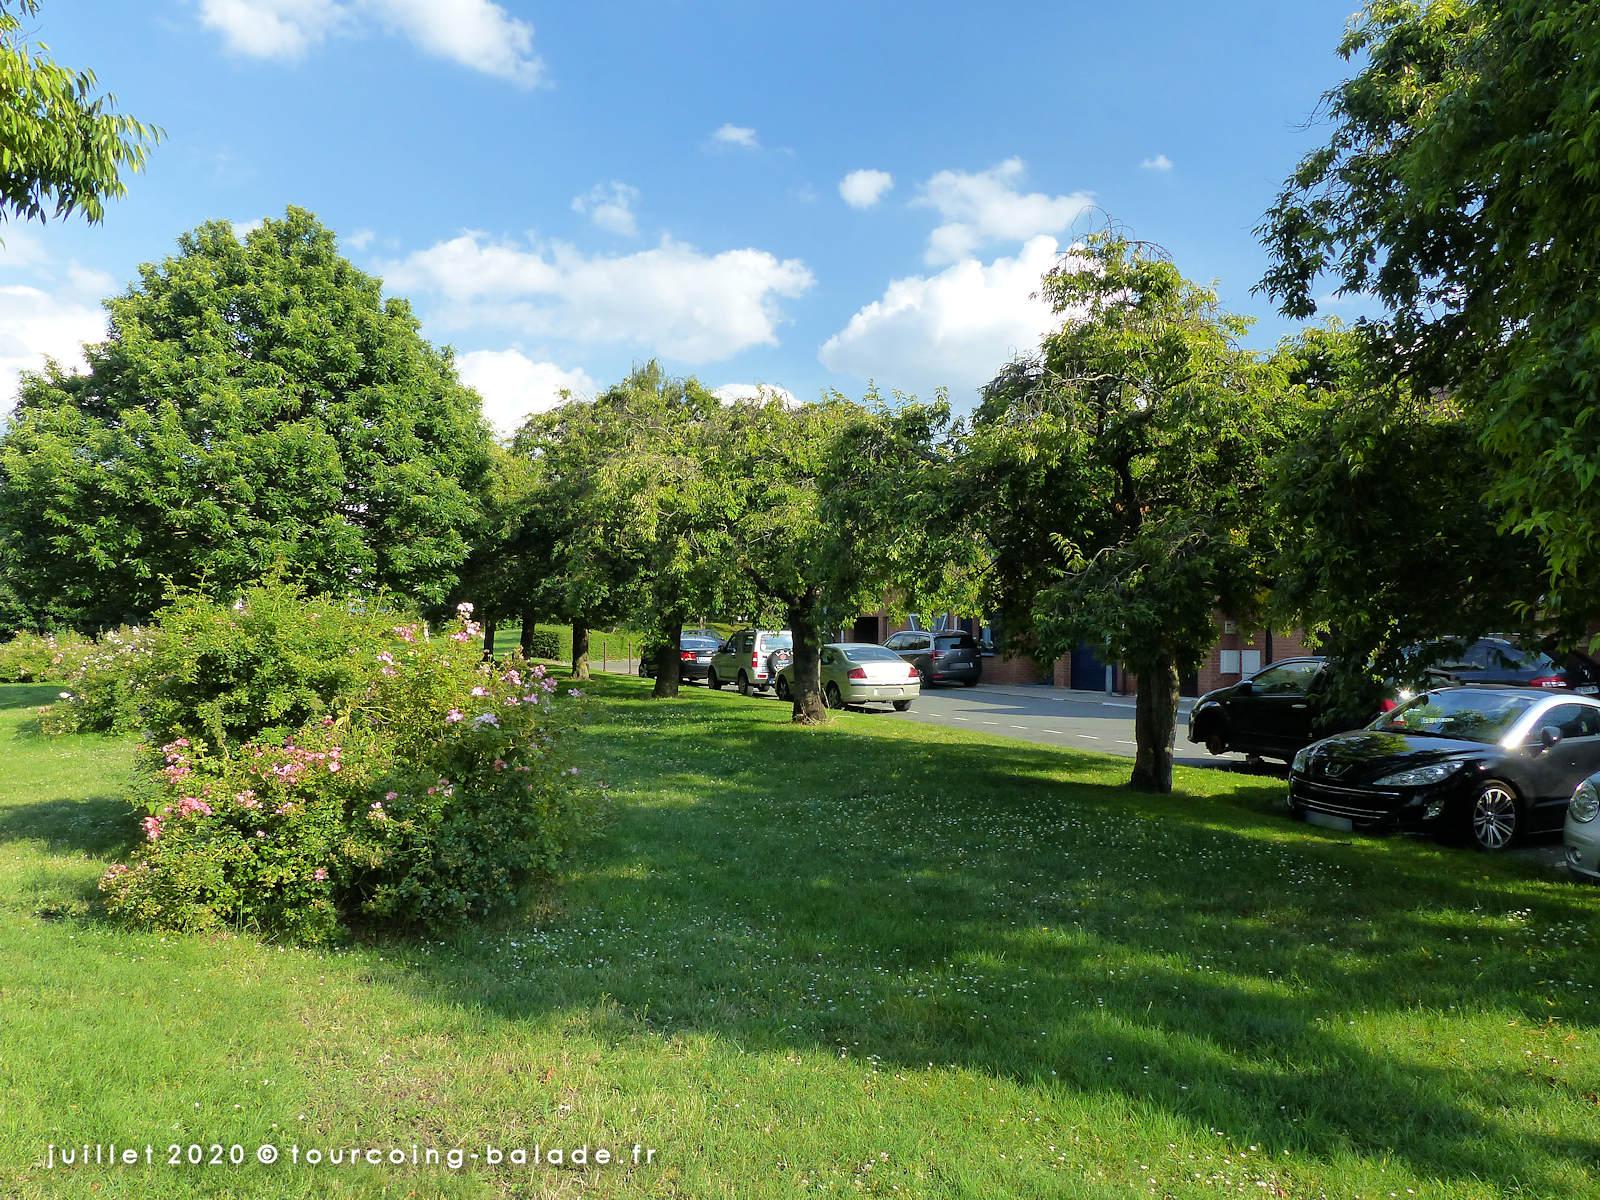 Végétalisation Tourcoing - Allée des Cerisiers, 2020